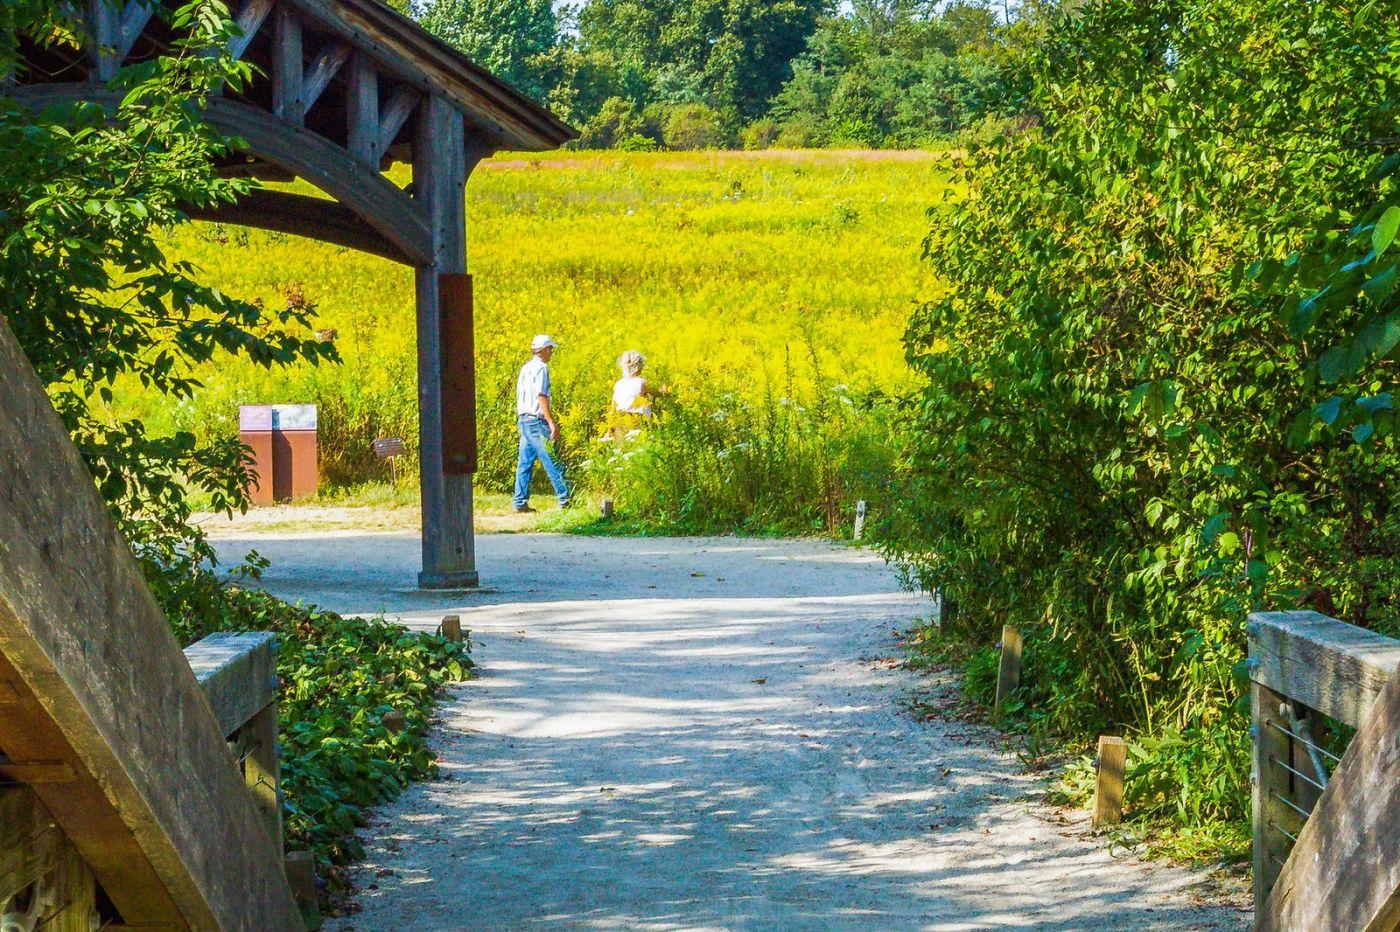 宾州长木公园,熟悉的景色_图1-7